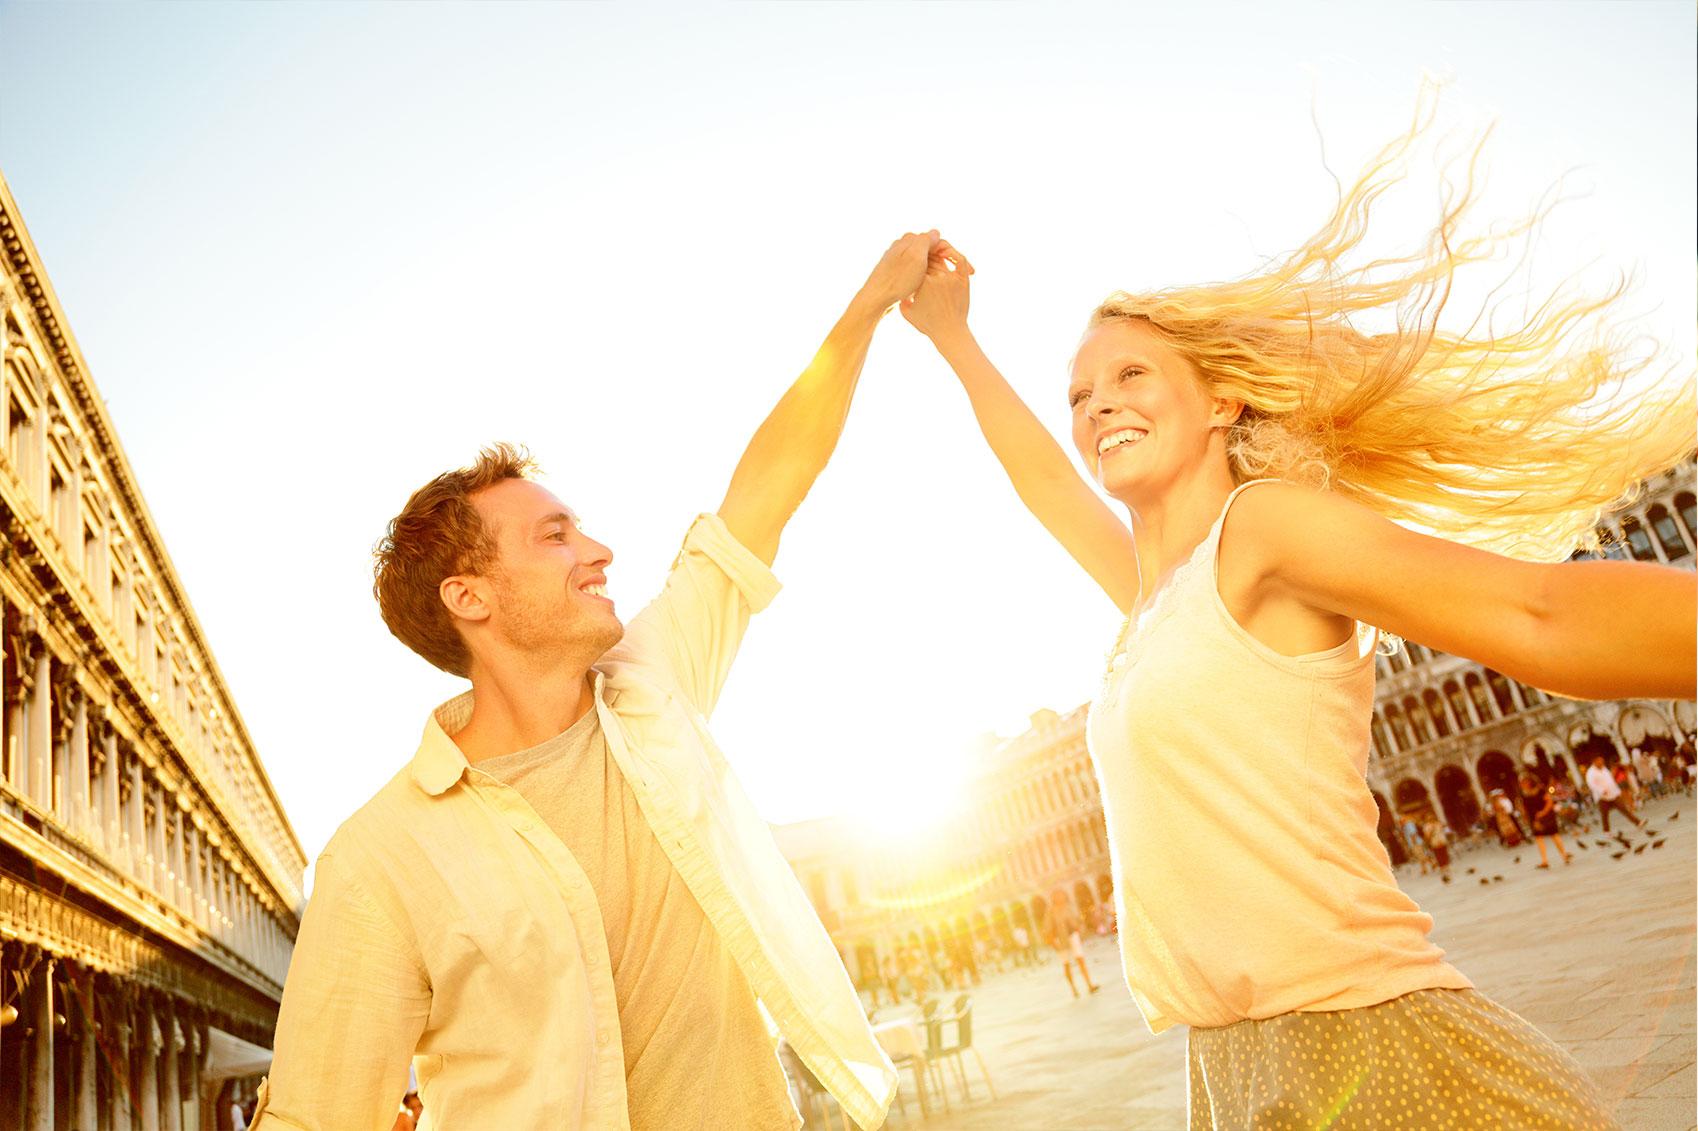 bigstock-Dancing-romantic-couple-in-lov-56316767.jpg